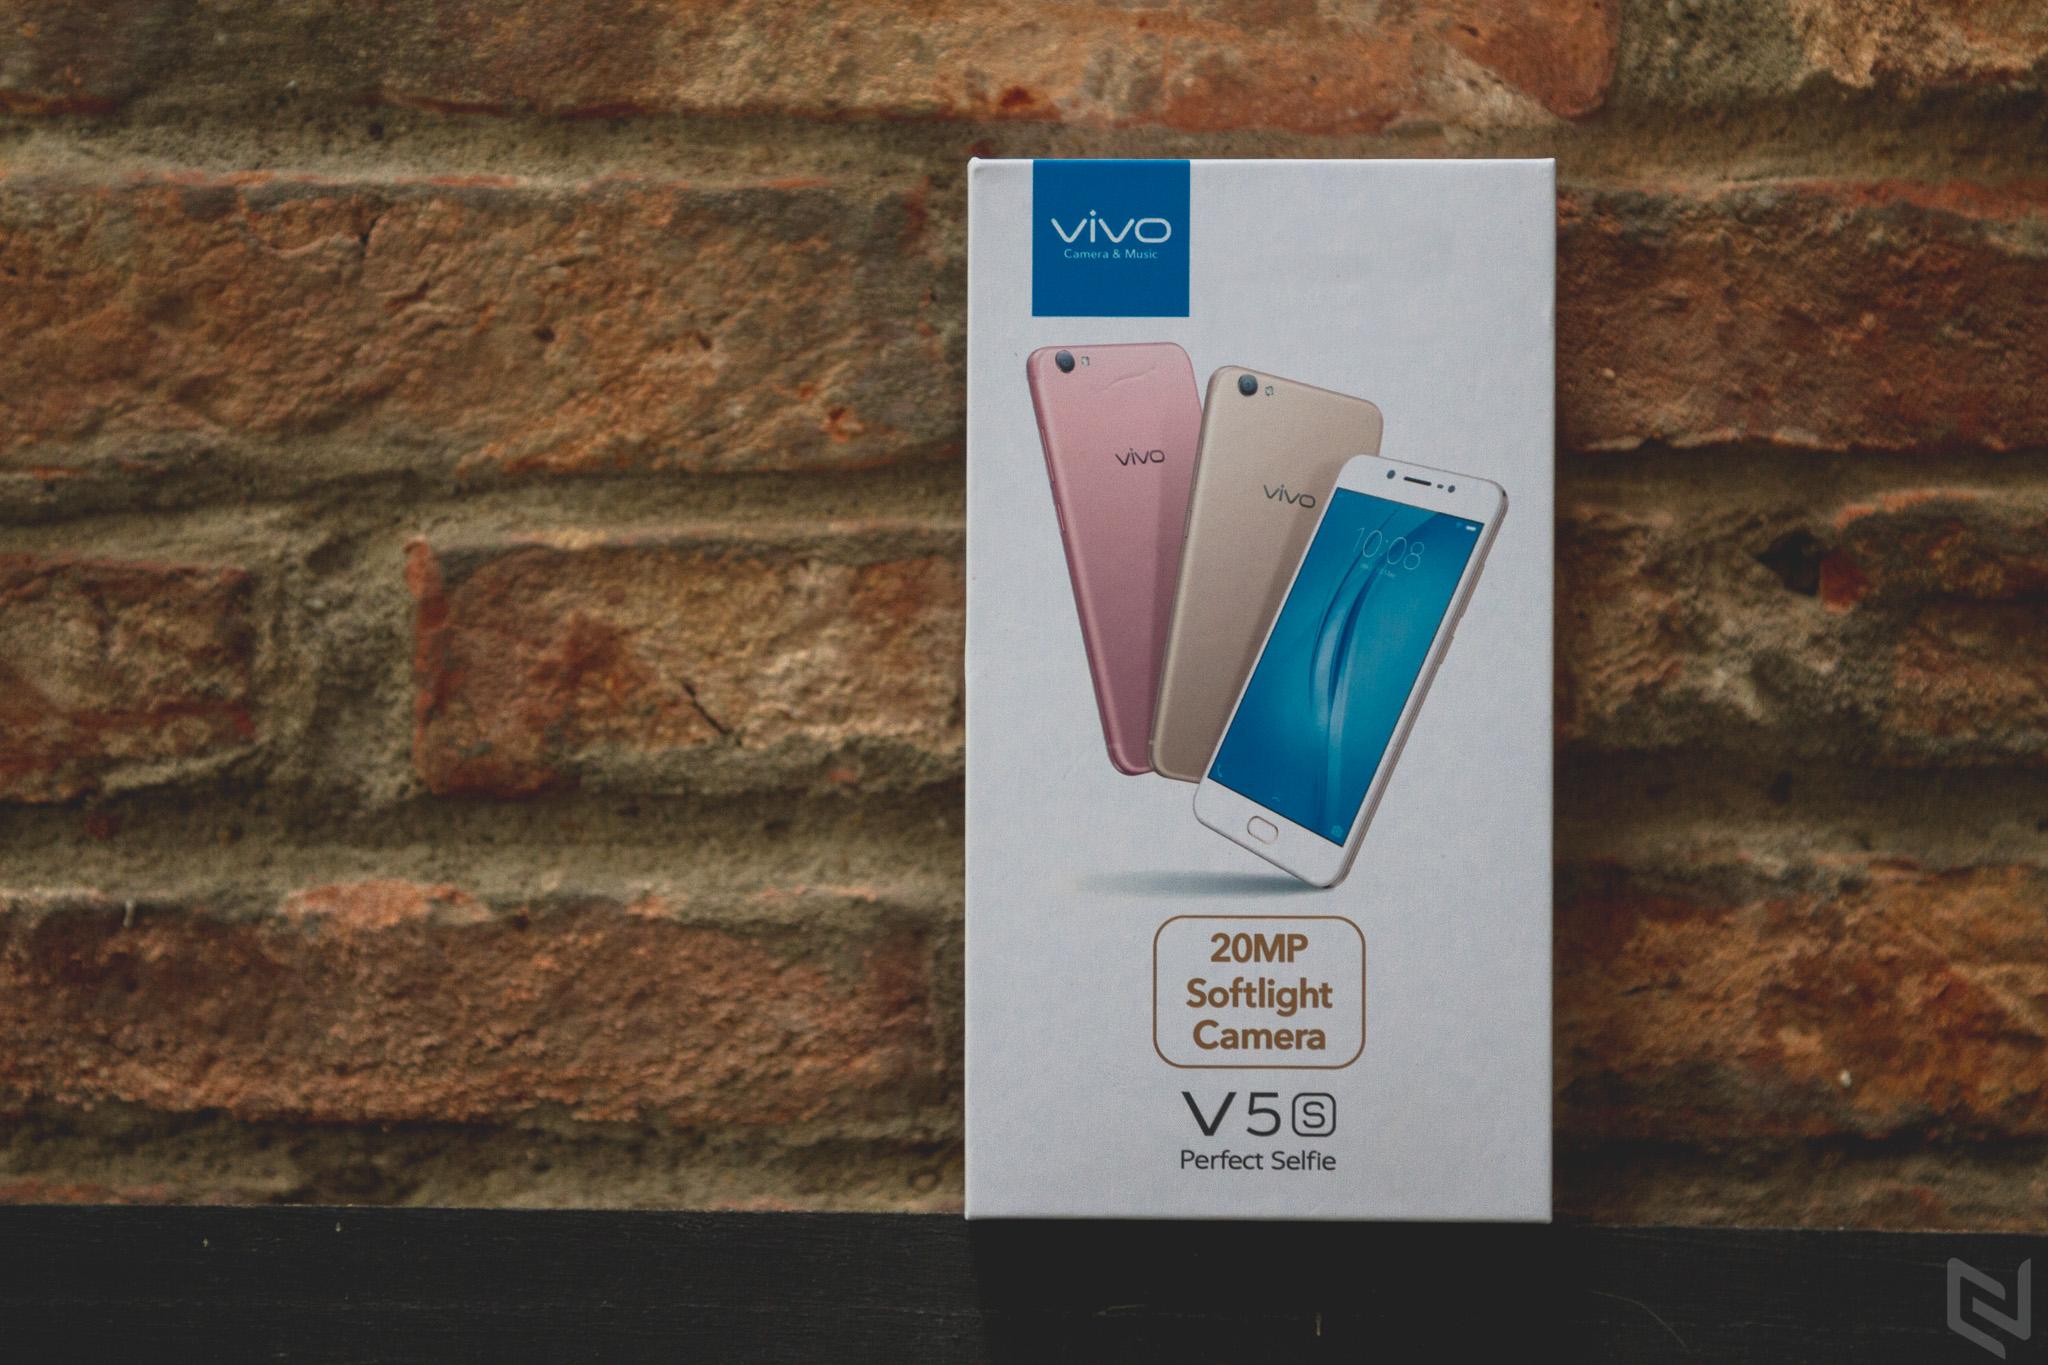 VivoV5sCNV_1